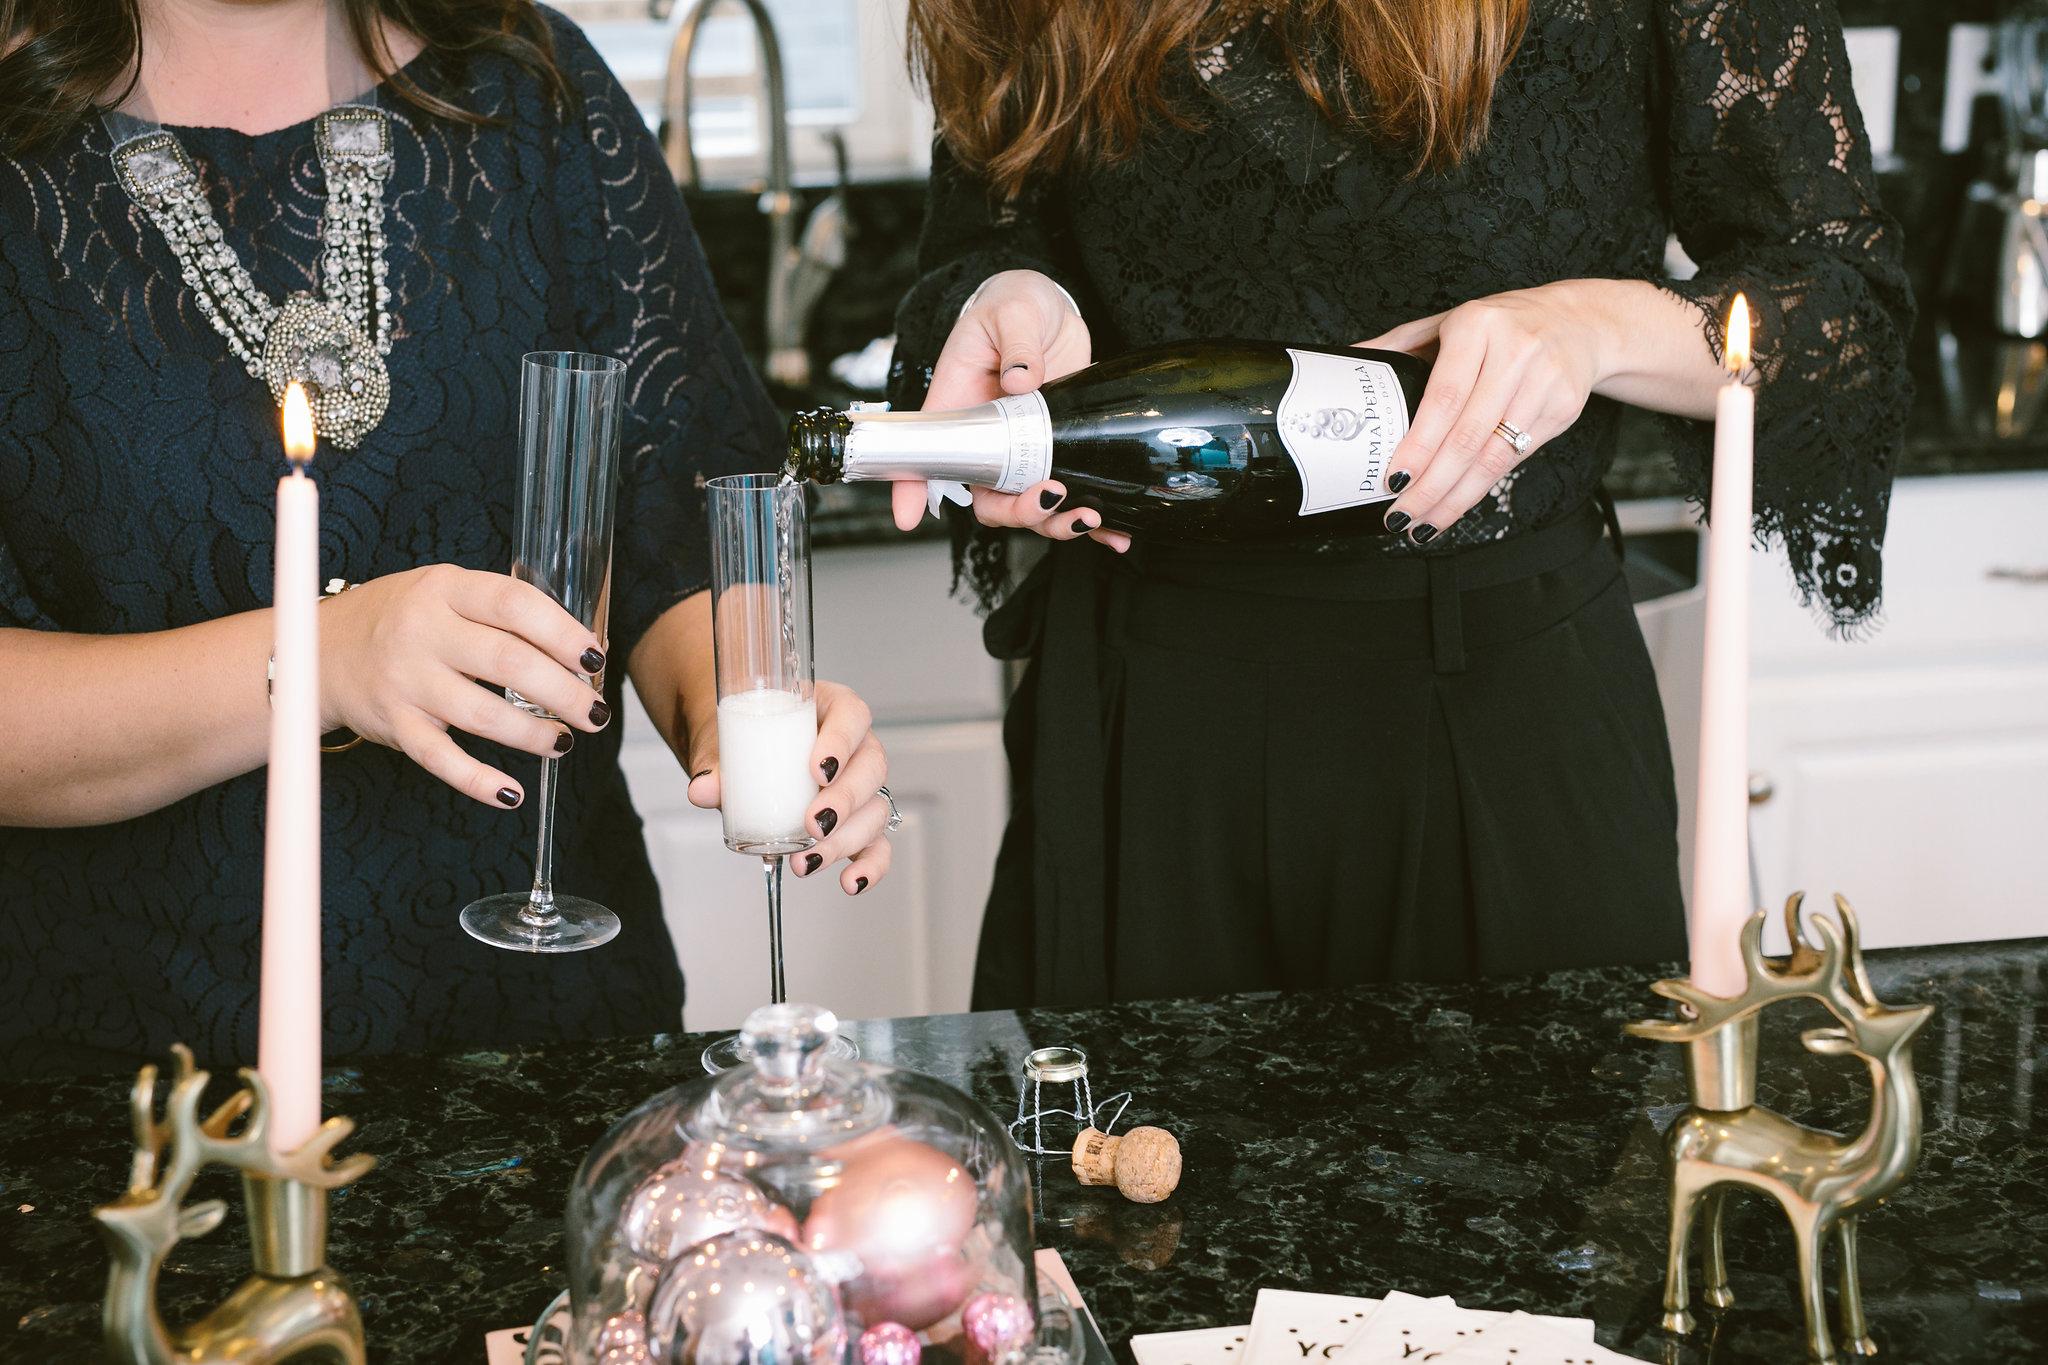 prima perla prosecco popping bottles